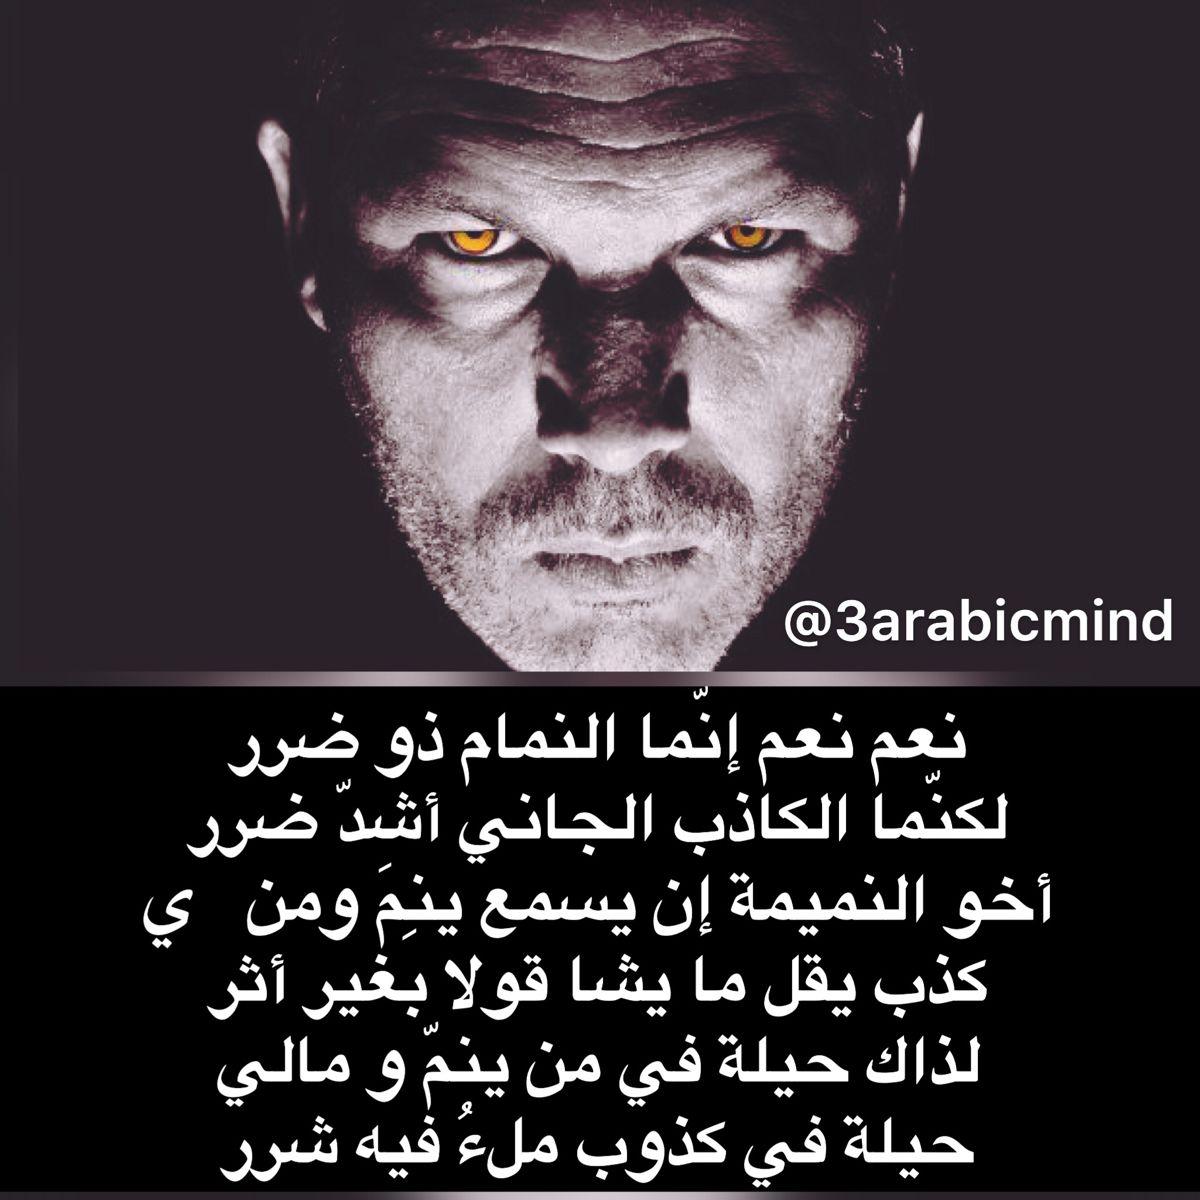 شعرعربي جميل في ذم الكذب و الكذاب Fictional Characters Movie Posters Movies